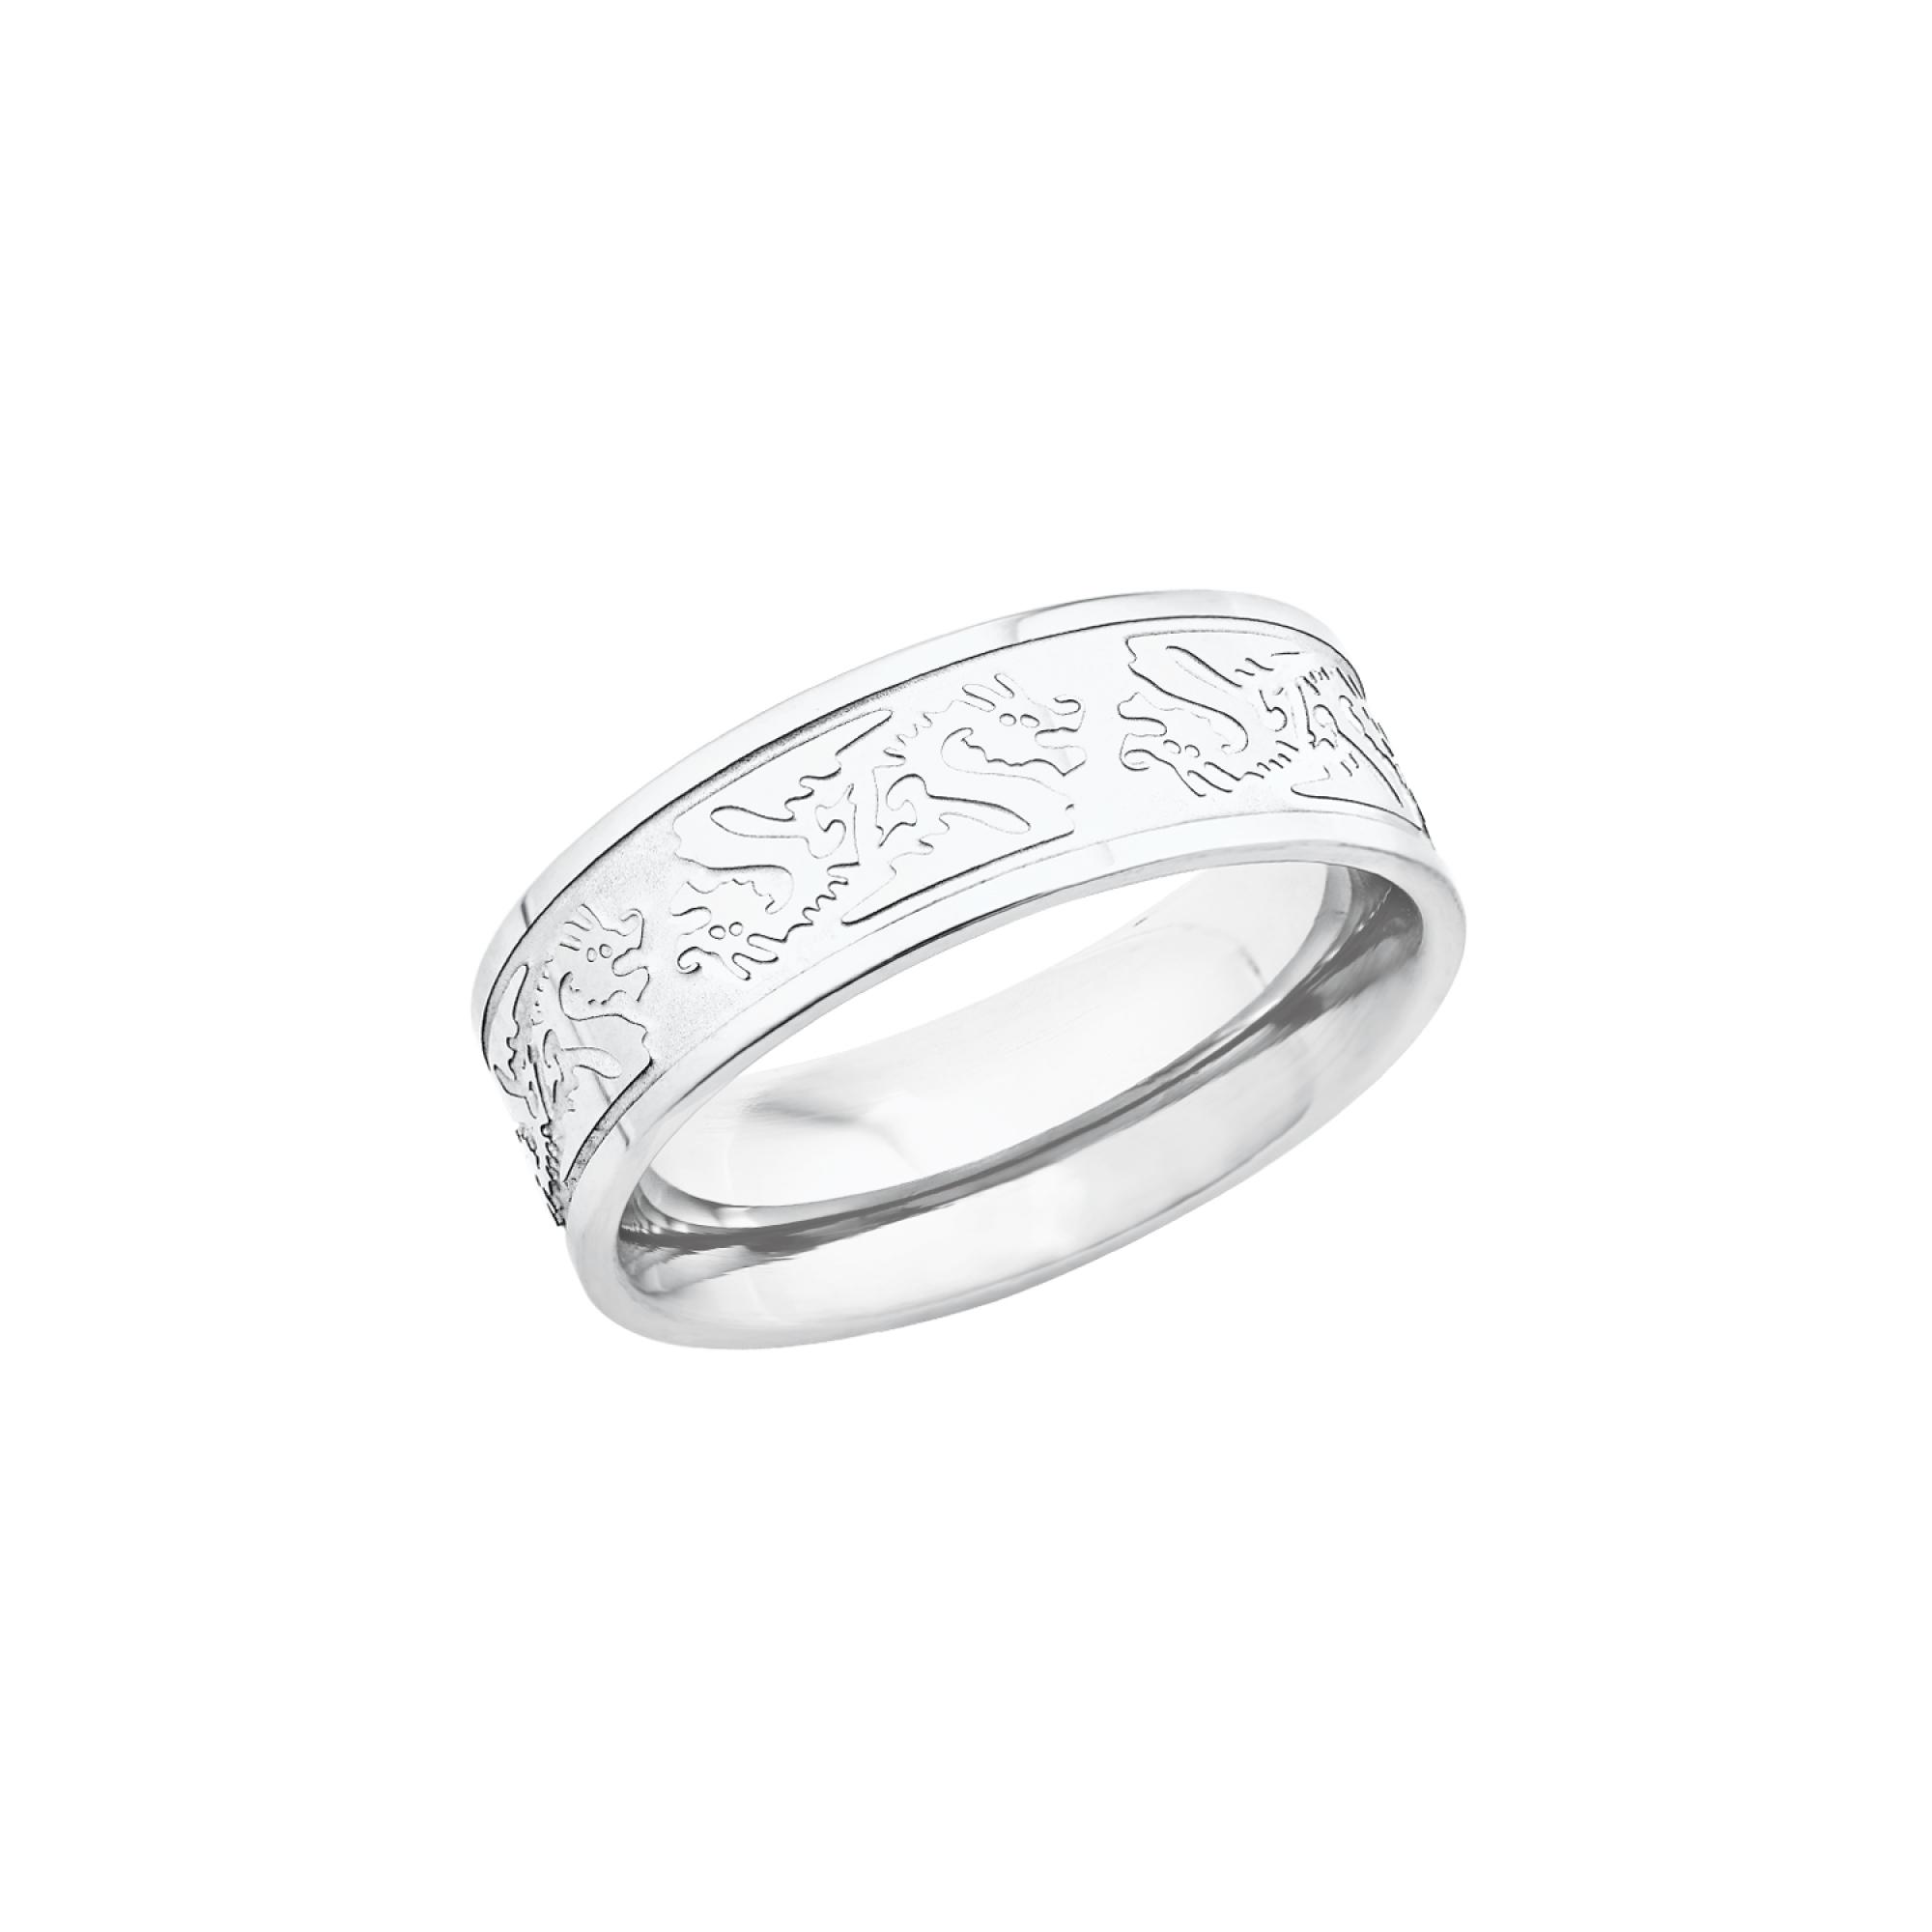 Ring für Herren, Edelstahl   Drachen Design